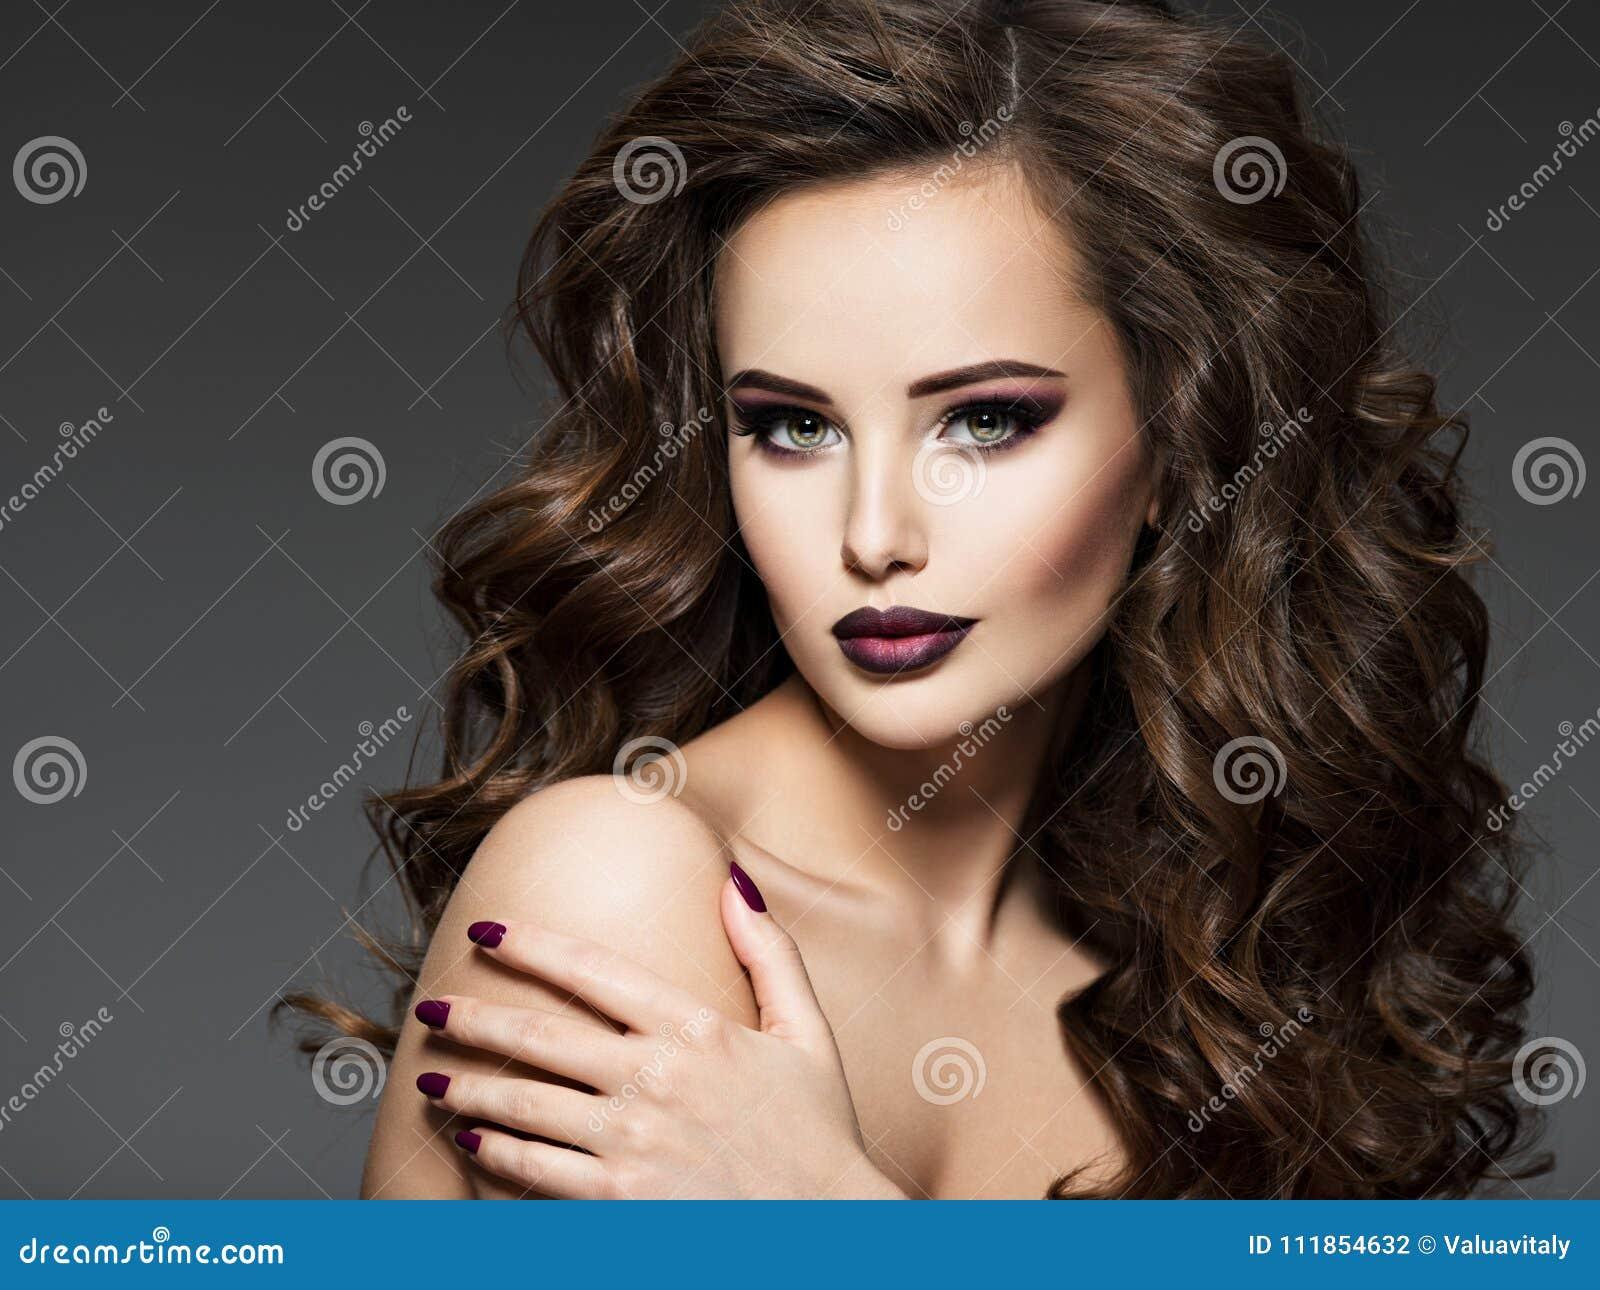 Изумительной красоты девушки фото — pic 14